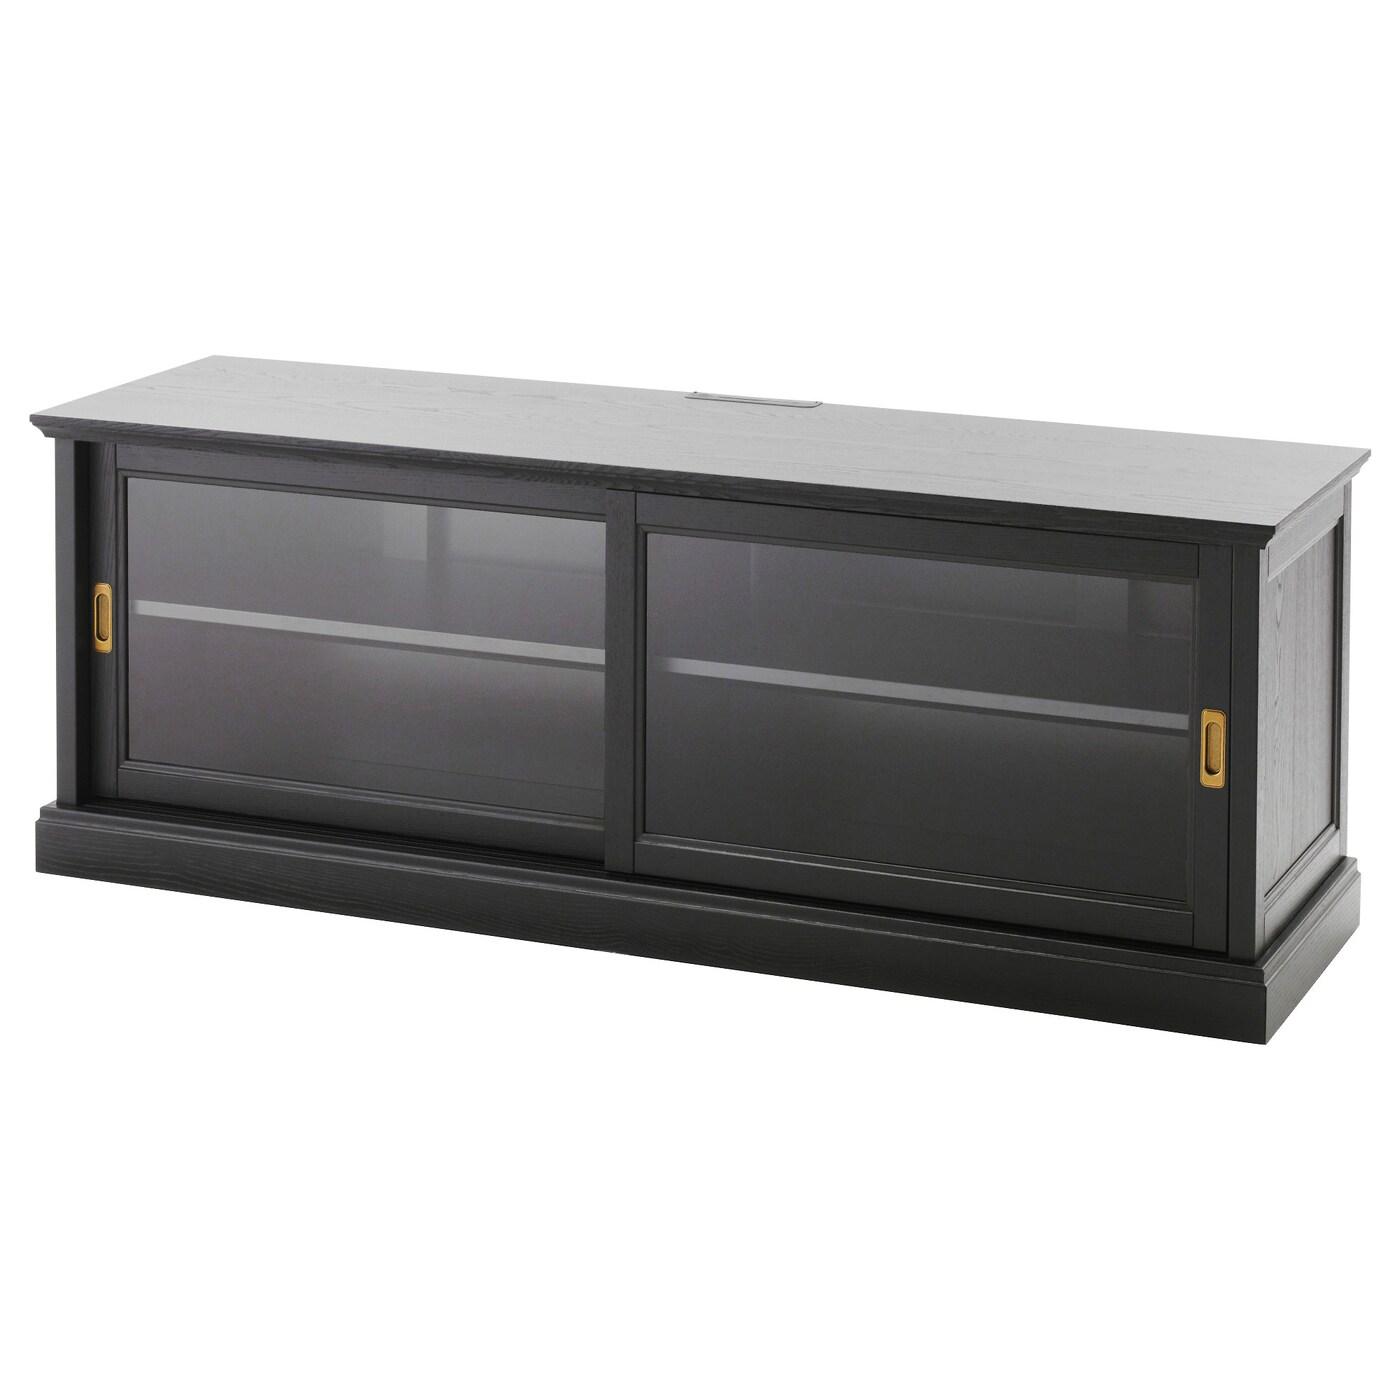 Muebles de TV y Muebles para el Salón | Compra Online IKEA - photo#45